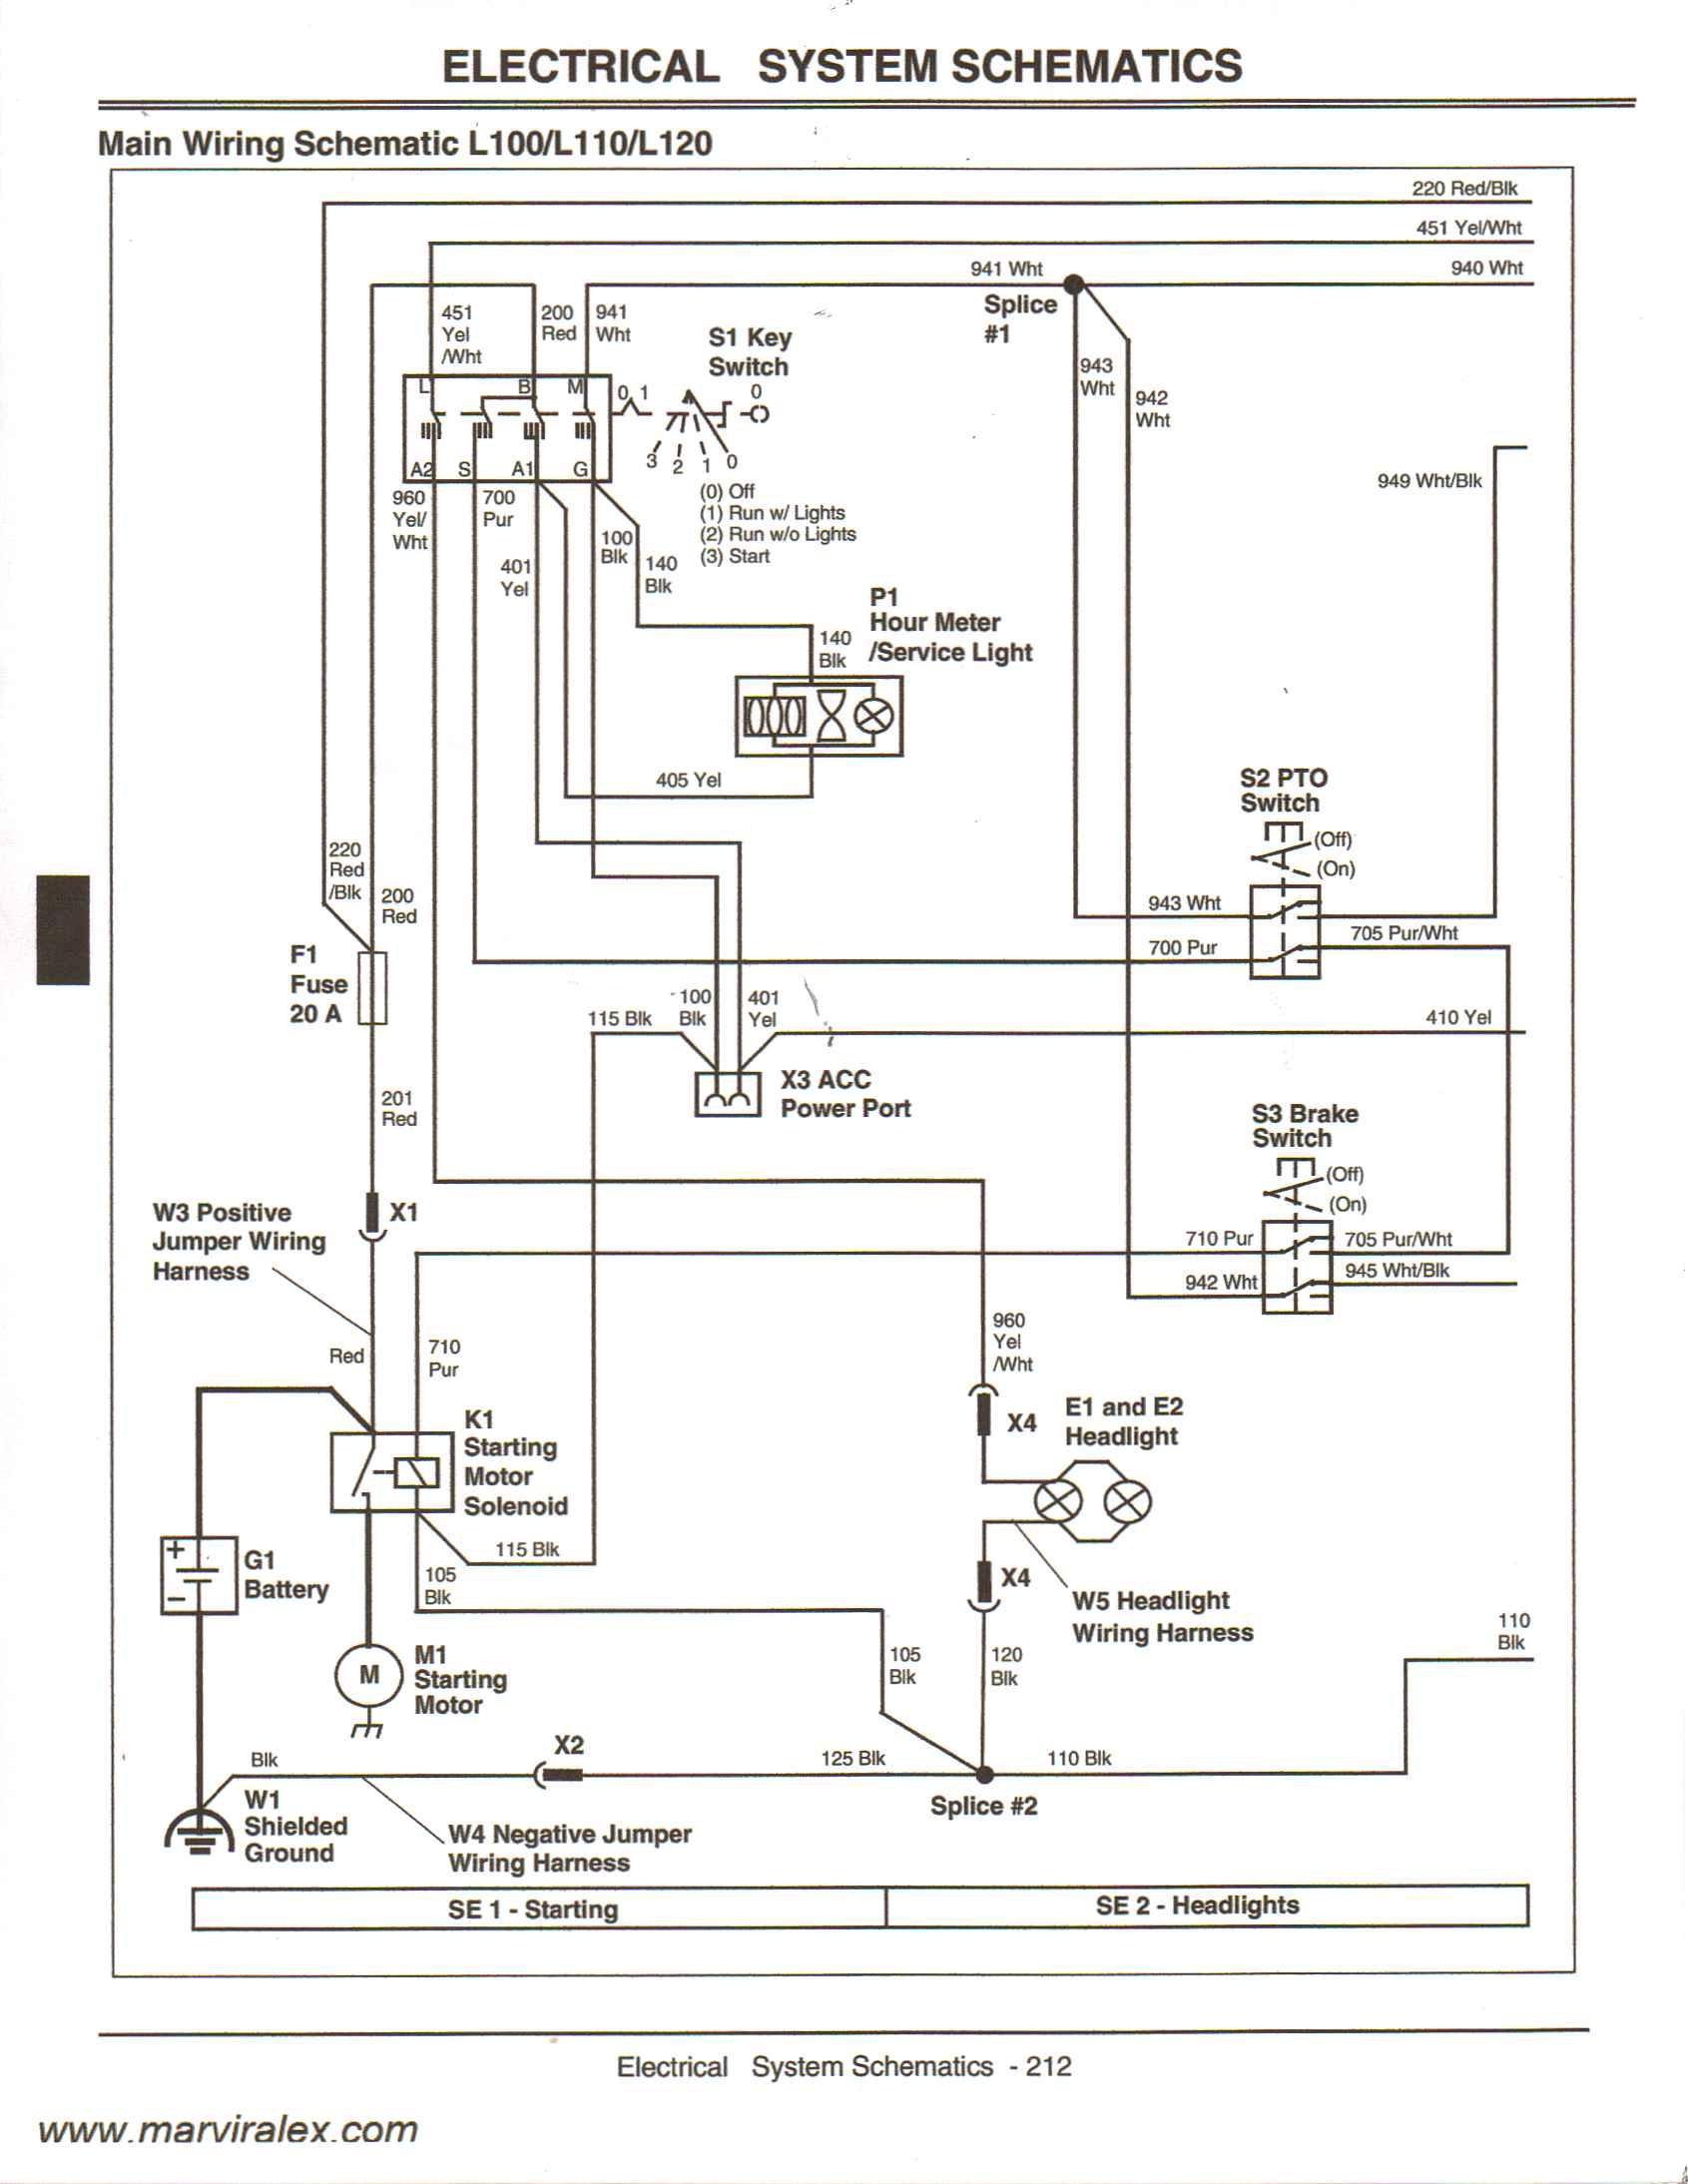 John Deere Tractor Pto Wiring Diagram